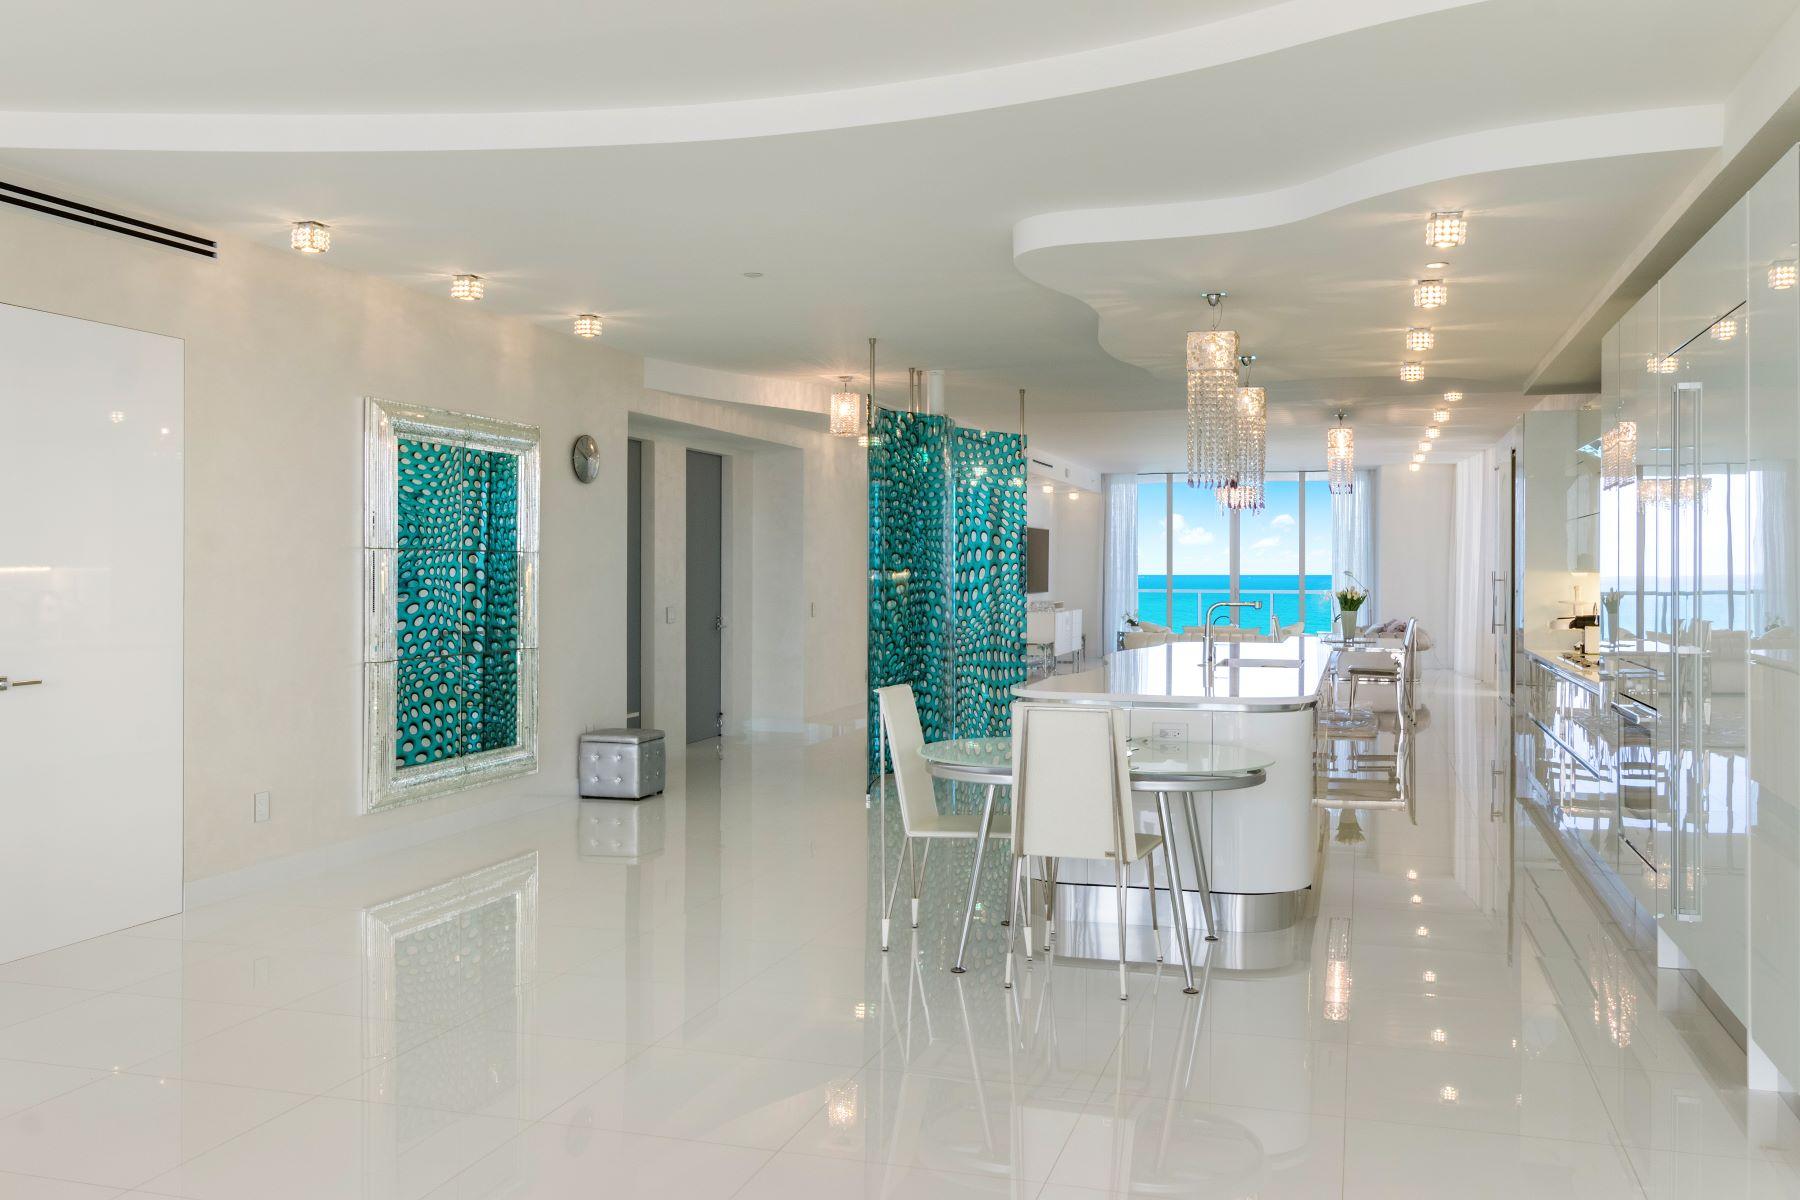 Кондоминиум для того Продажа на Bal Harbour Condo/Co-Op/Villa/Townhouse Bal Harbour, Флорида, 33154 Соединенные Штаты